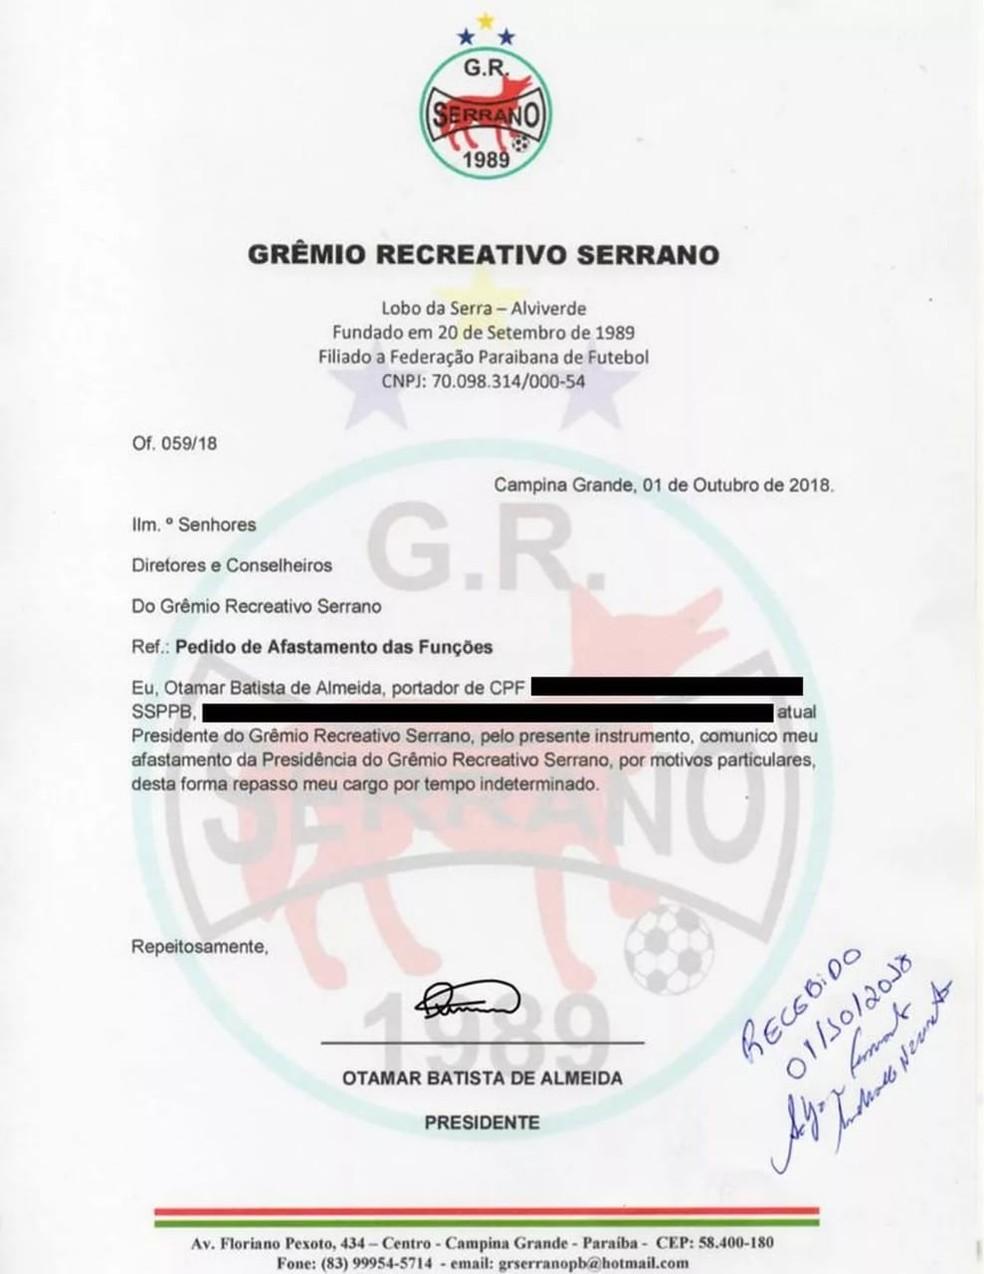 8e249b36 a938 4a60 95e7 919238143d92 - Dirigente acumula cargo em clube e na Federação Paraibana de Futebol